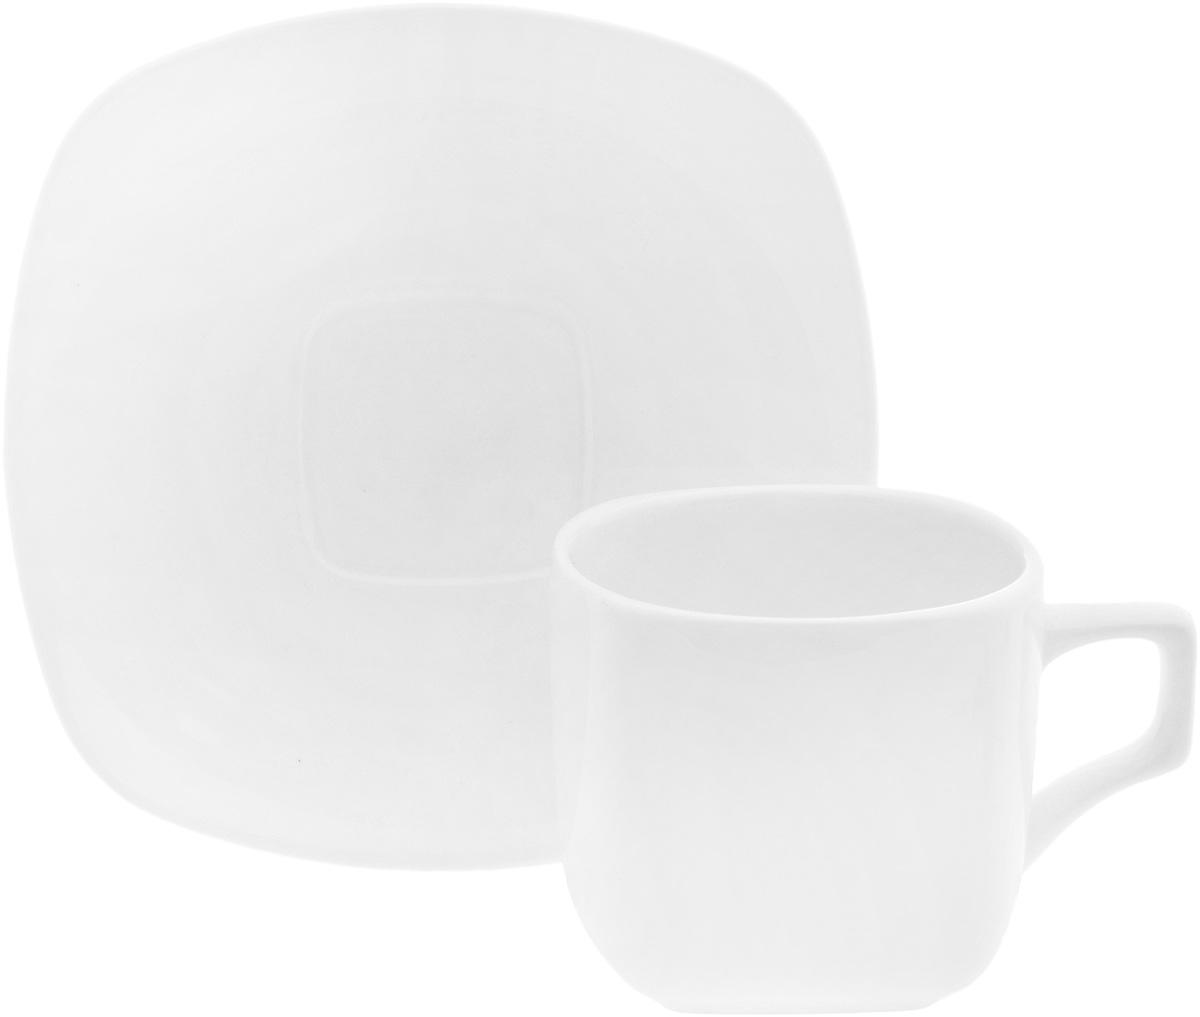 Чайная пара Wilmax, 2 предмета. WL-993003/1CWL-993003/1CЧайная пара Wilmax состоит из чашки и блюдца. Изделия выполнены из высококачественного фарфора и имеют необычную форму. Оригинальный дизайн, несомненно, придется вам по вкусу. Чайная пара Wilmax украсит ваш кухонный стол, а также станет замечательным подарком к любому празднику. Объем чашки: 200 мл. Размер чашки (по верхнему краю): 7,5 х 7,5 см. Высота чашки: 6,5 см. Размер блюдца: 14,5 х 14,5 см. Высота блюдца: 2 см.